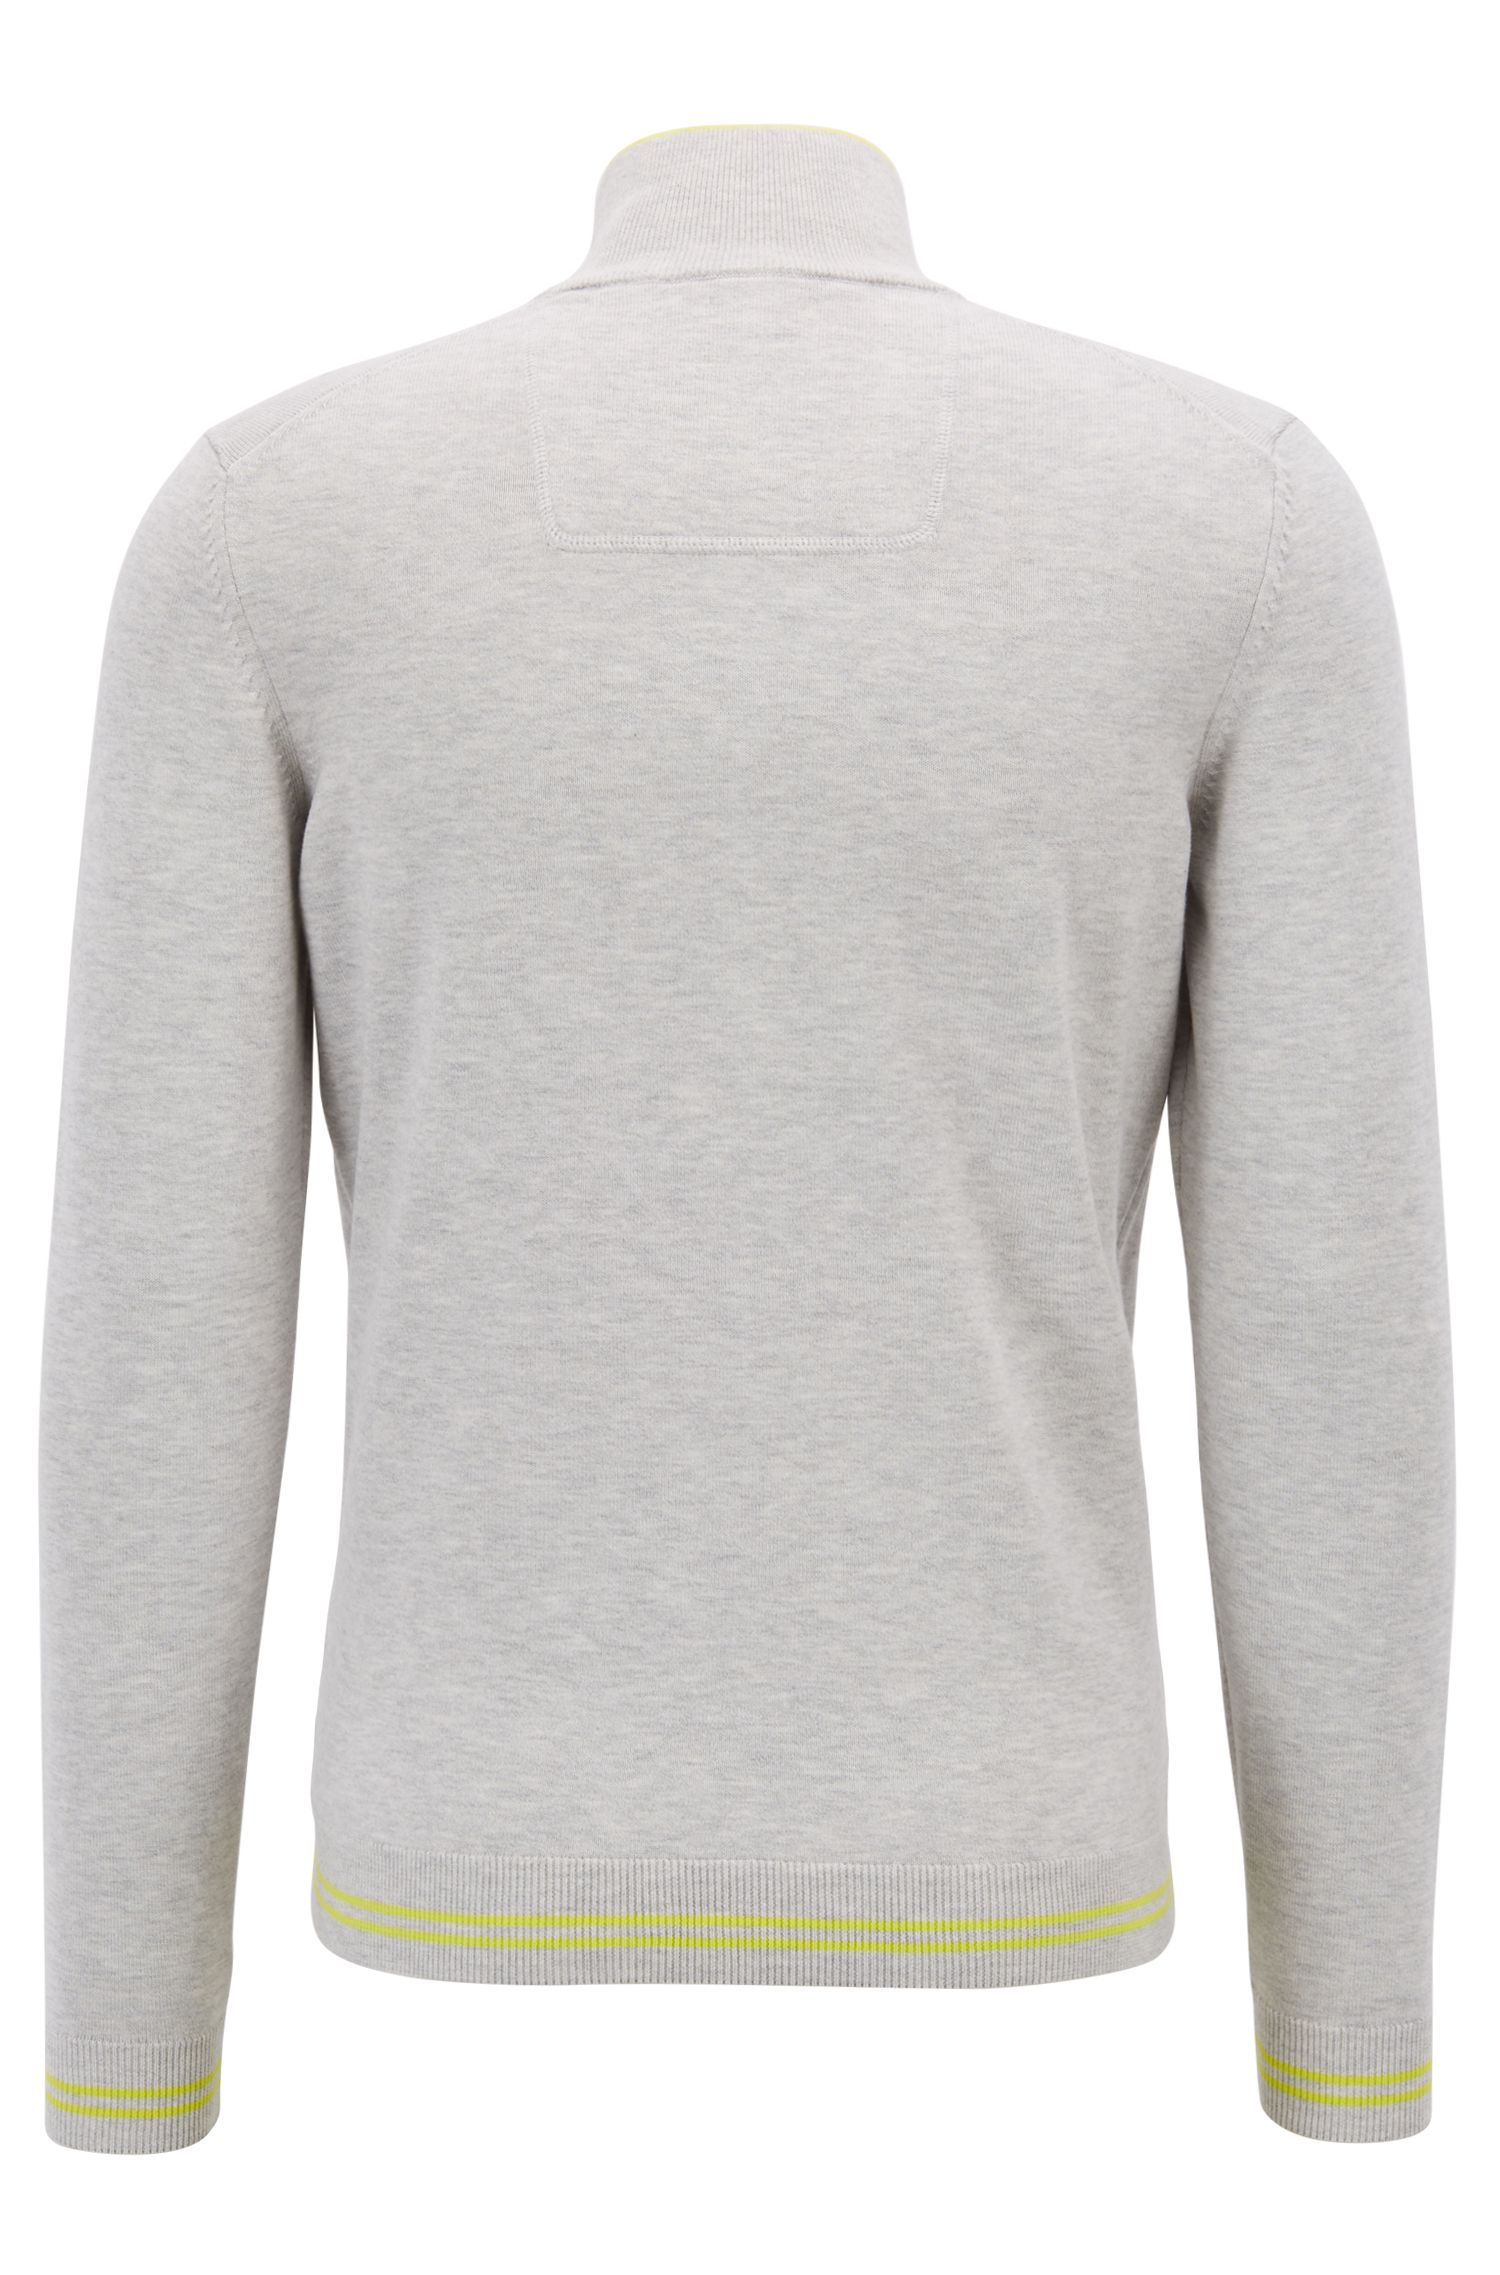 Maglione in misto cotone con profili a contrasto e colletto con zip , Grigio chiaro